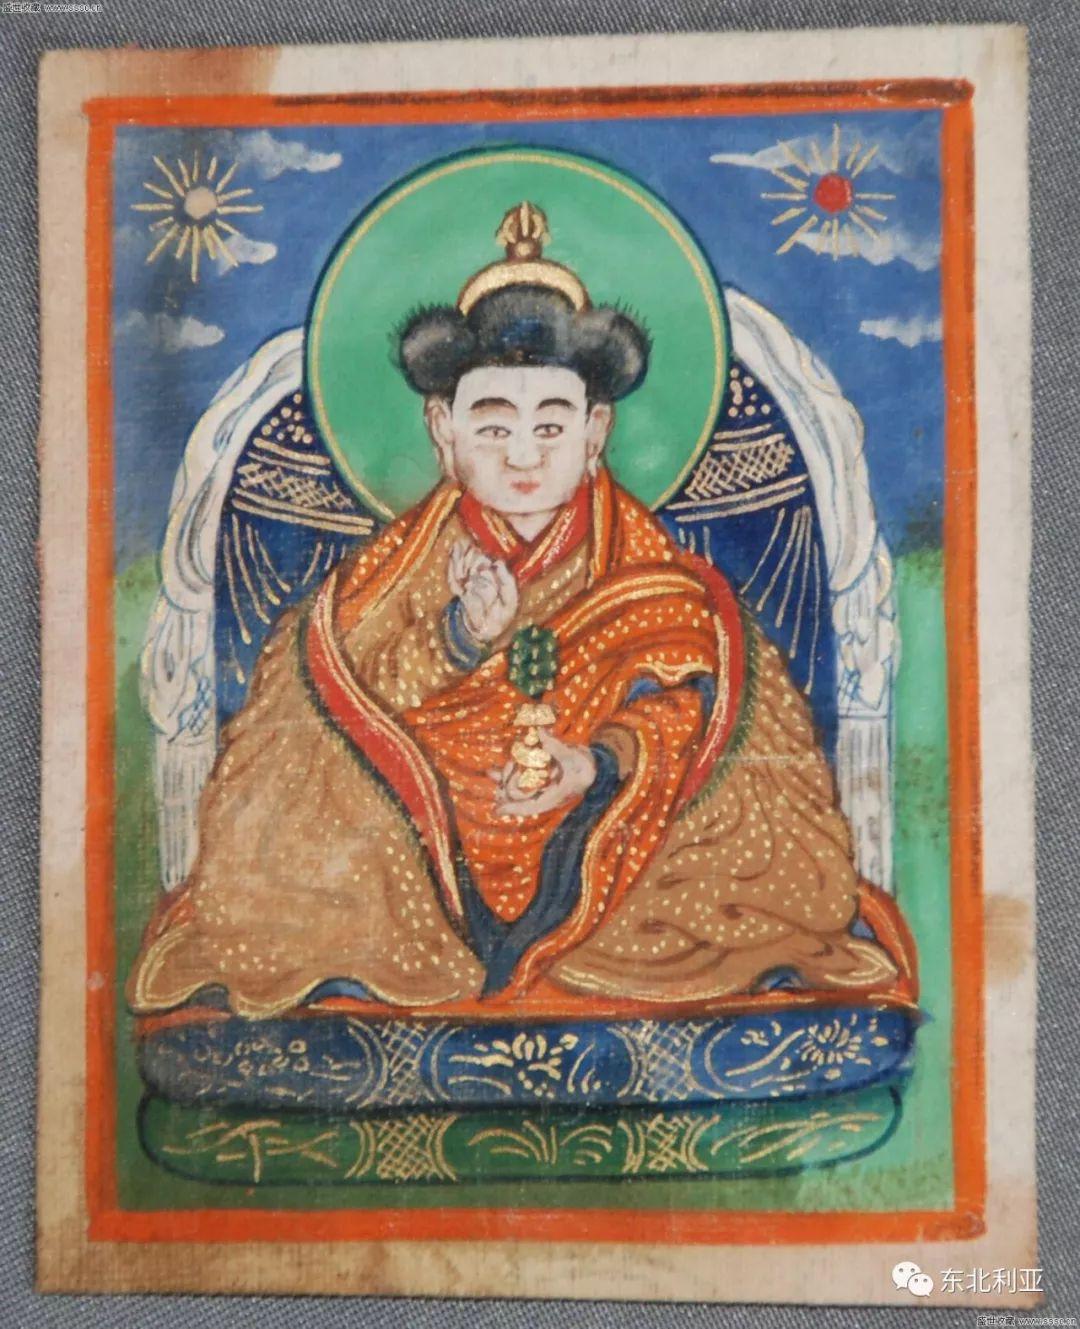 乌云毕力格:关于《阿萨喇克其史》作者的若干问题 第7张 乌云毕力格:关于《阿萨喇克其史》作者的若干问题 蒙古文化